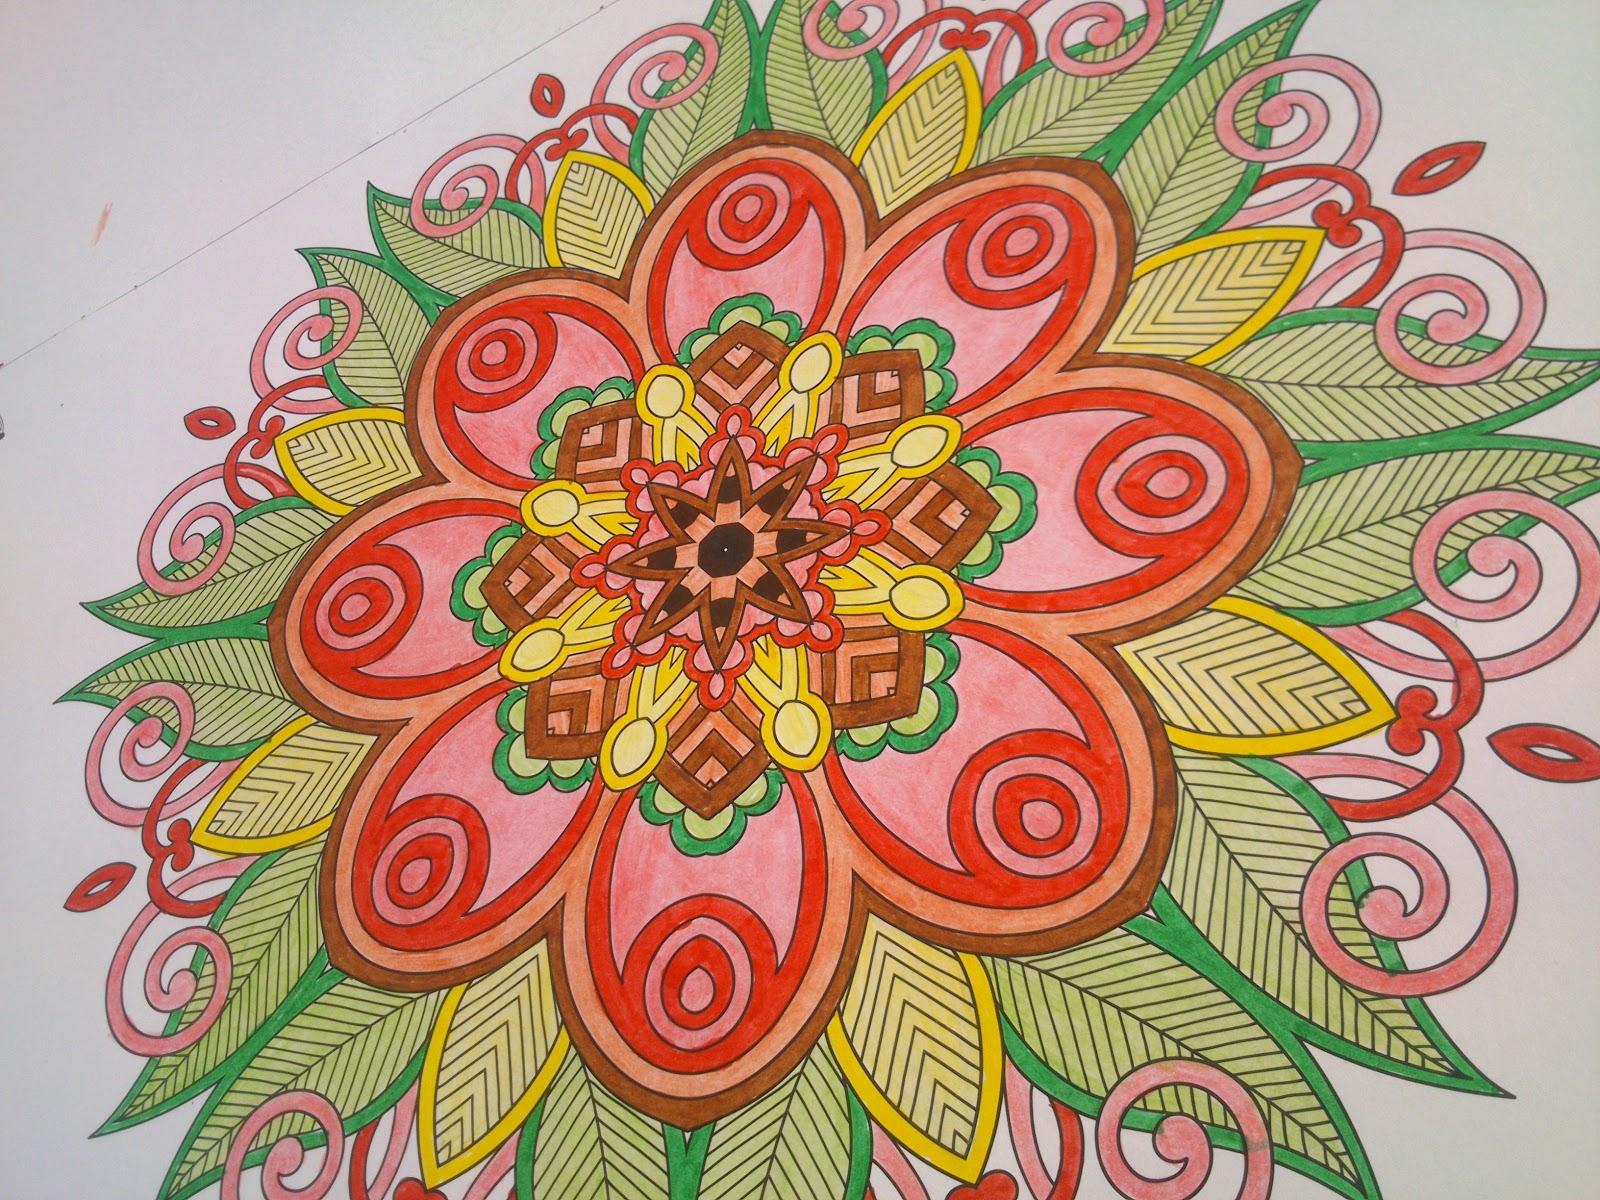 Kleurplaten Volwassenen Ingekleurd.Fresh Mandala Kleurplaten Ingekleurd Kleurplaten